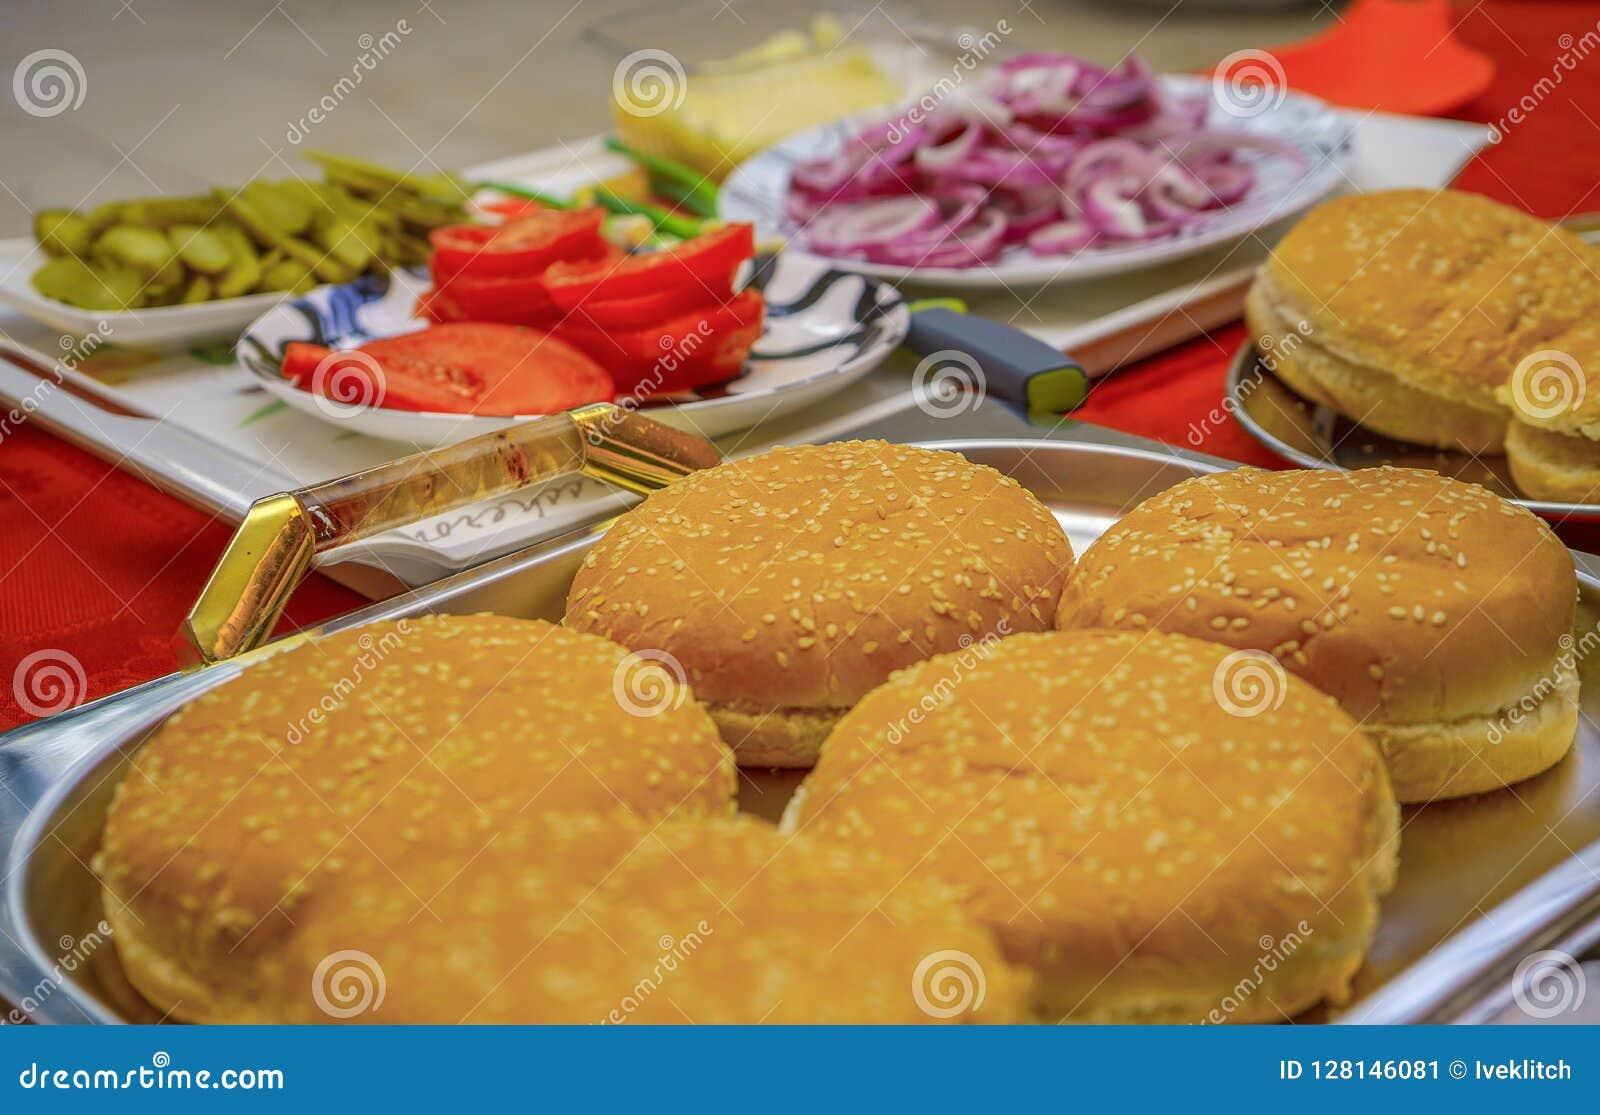 Los ingredientes hechos en casa de la hamburguesa arreglaron en la bandeja y las placas al aire libre Cebolla, pepinos salados, t